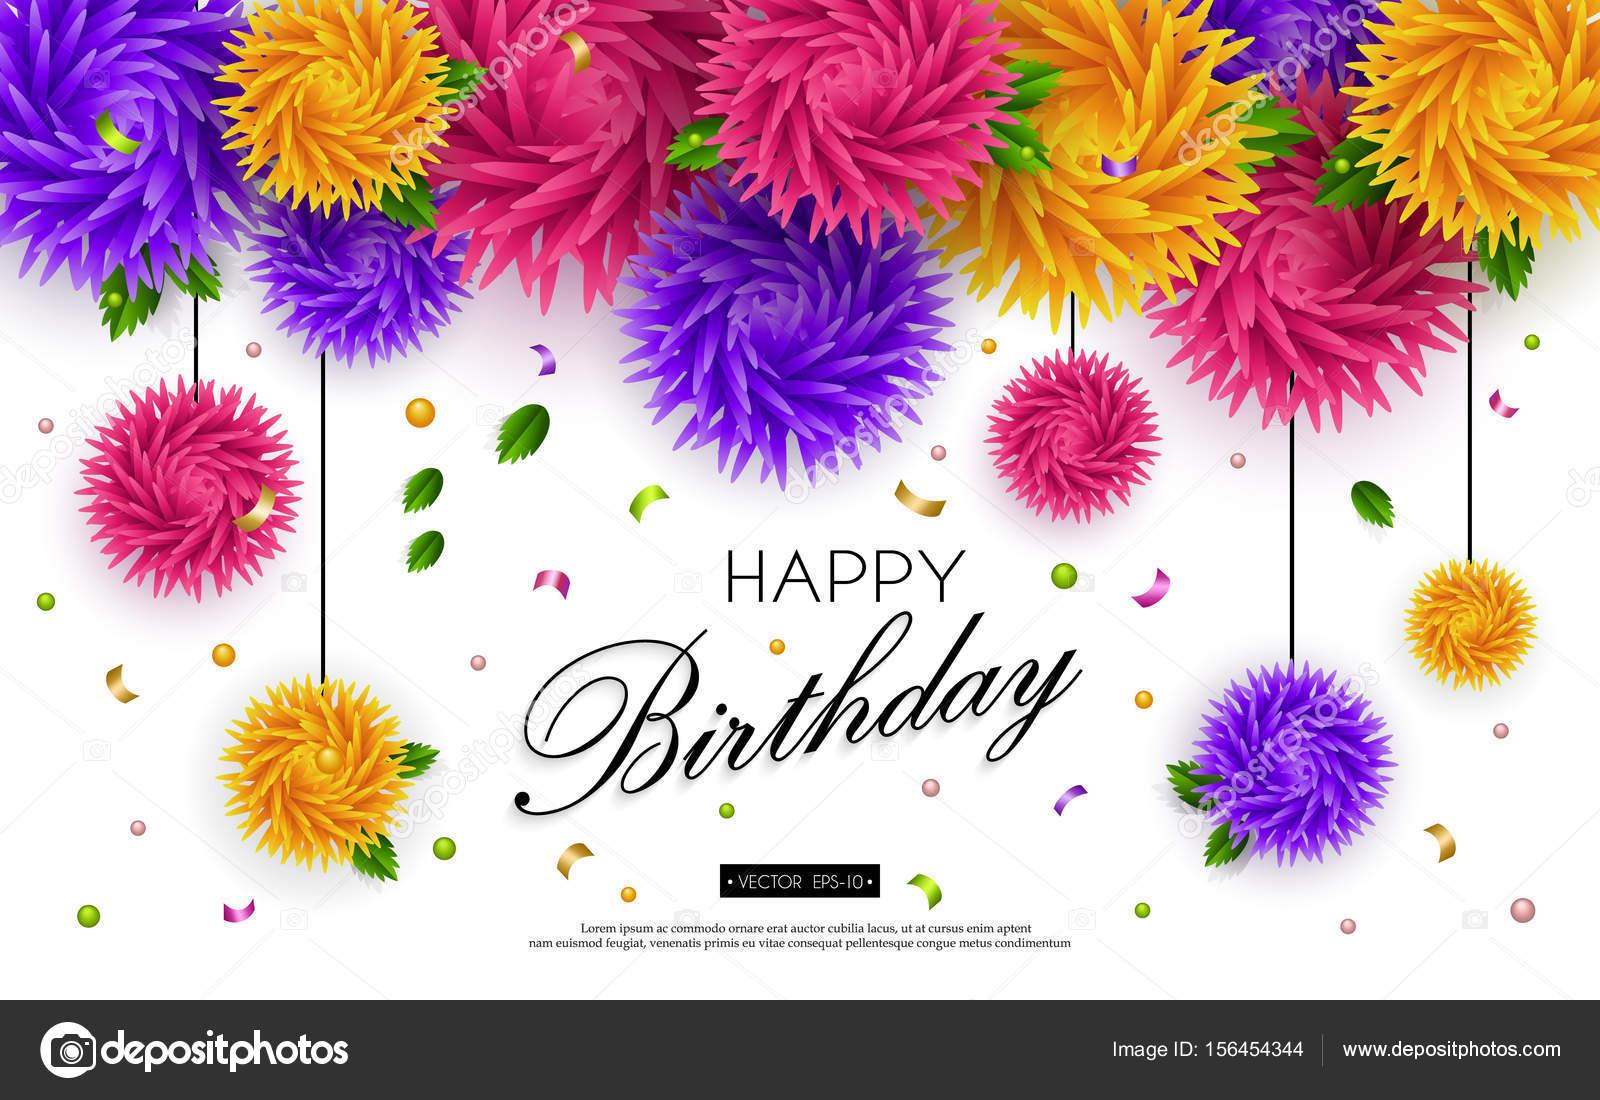 Happy Birthday Banner 3d Flower Paper Art 3 Stock Vector Smska